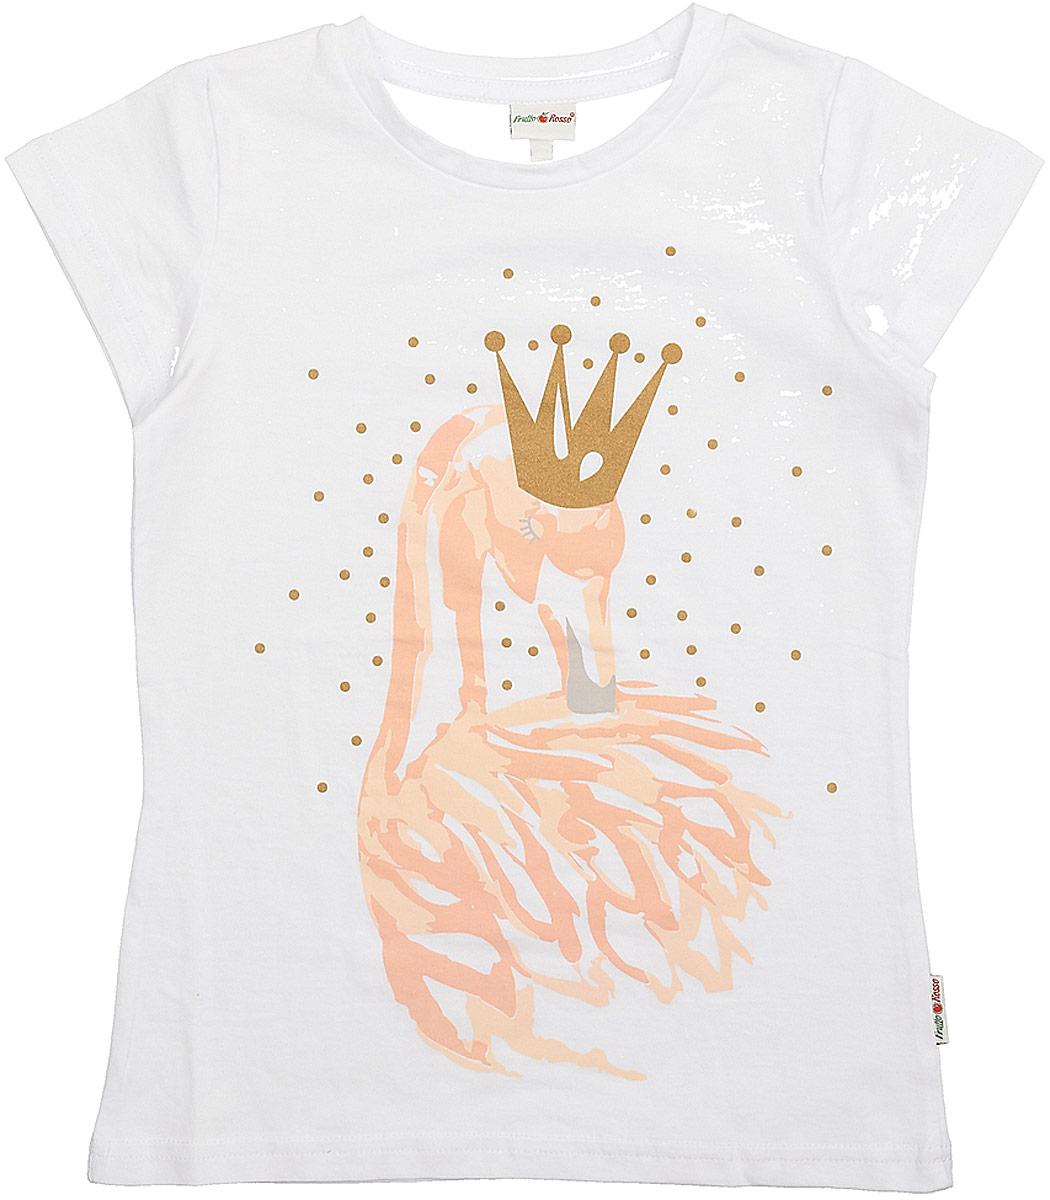 Футболка для девочки Frutto Rosso, цвет: белый. FRG72154. Размер 128FRG72154Комфортная футболка выполнена из 100% хлопка. Детали: короткий рукав, округлый вырез горловины, печать выполнена шелкографным способом